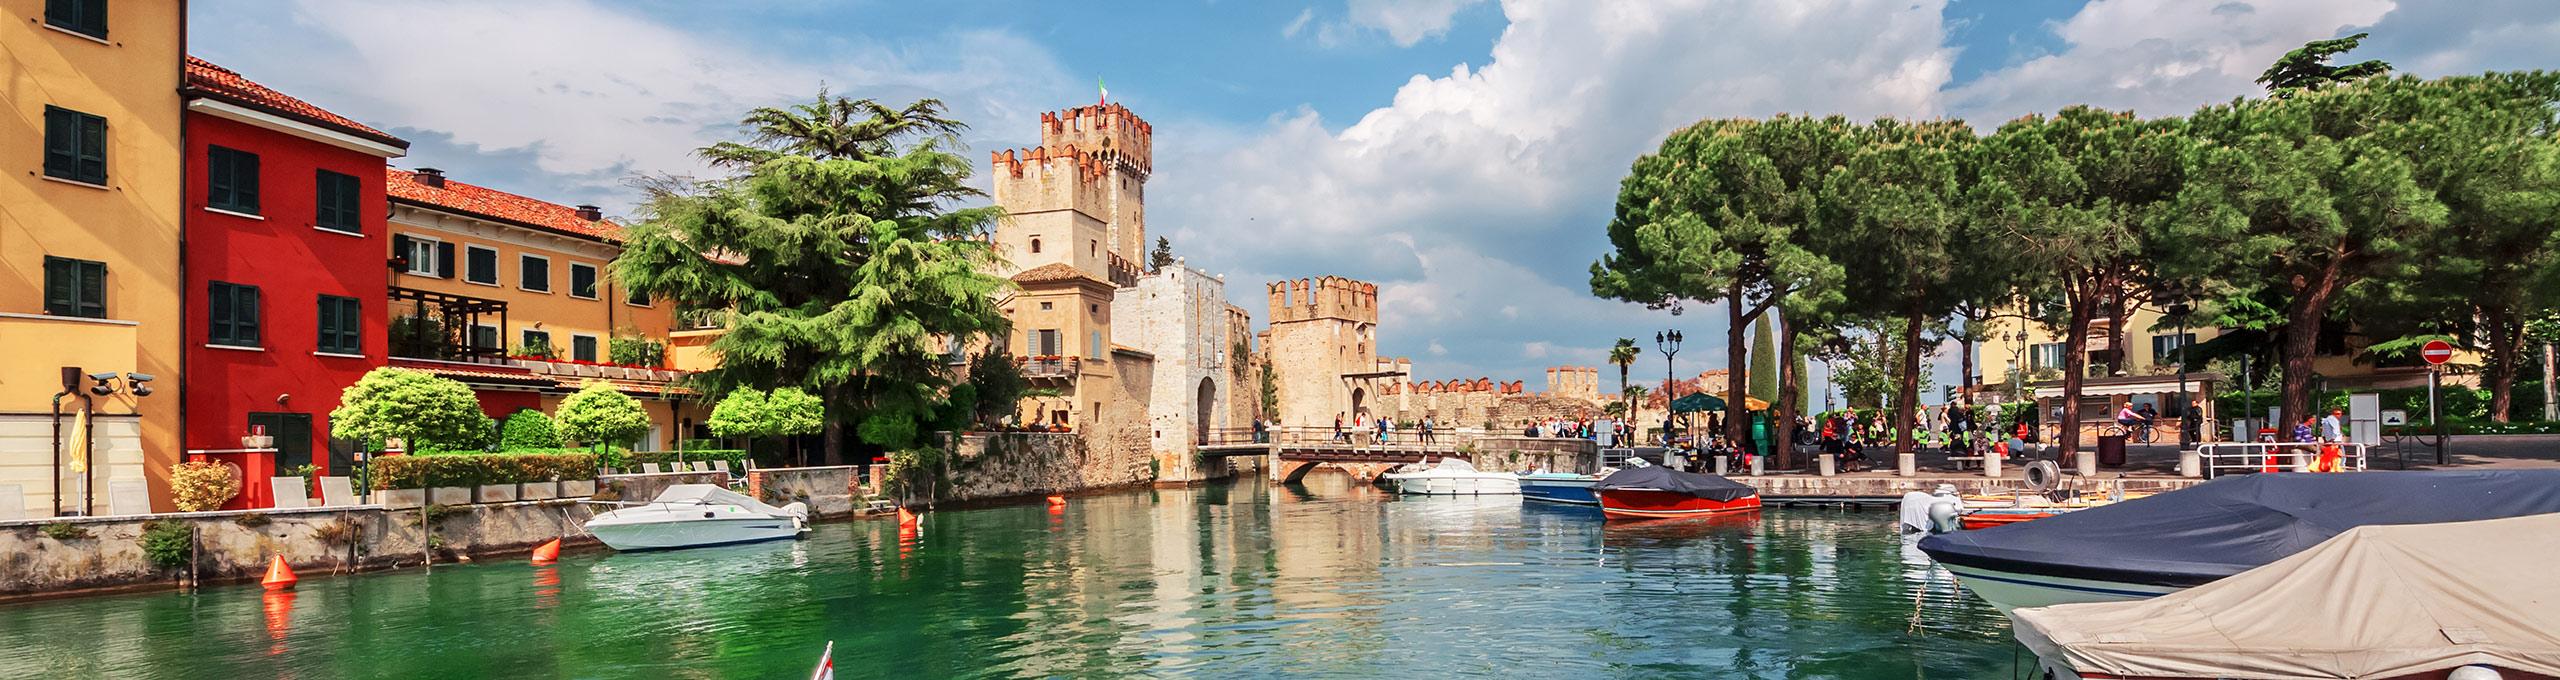 Sirmione, Lago di Garda, Castello Scaligero